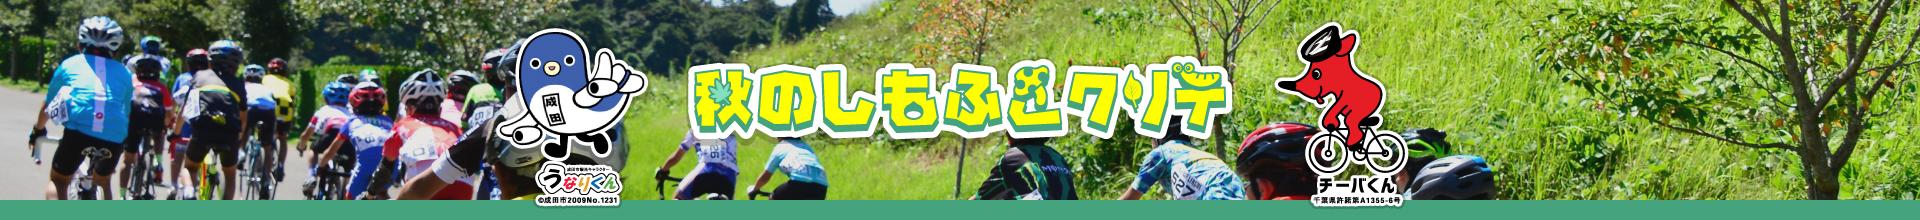 レースdeトレーニング参加者募集!